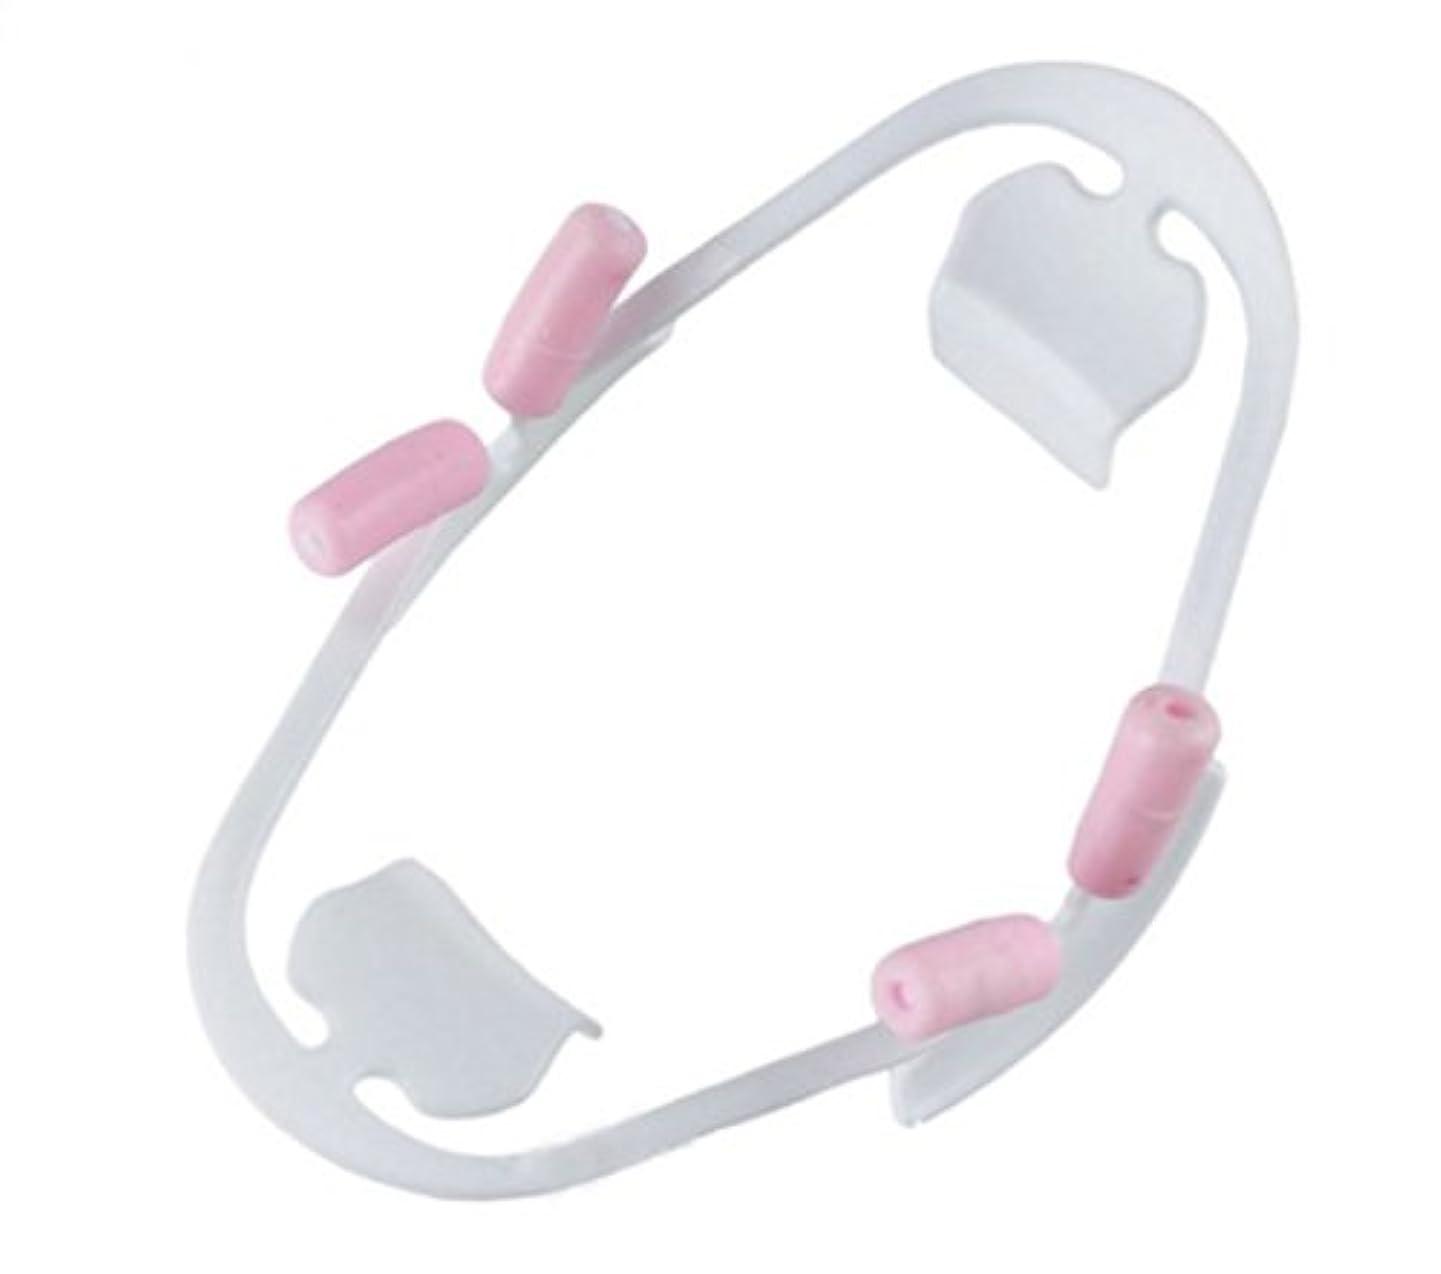 カロリーアルバムハッチdiconna 歯科開口器 3D マウスオープナー 開口器 1個 業務用